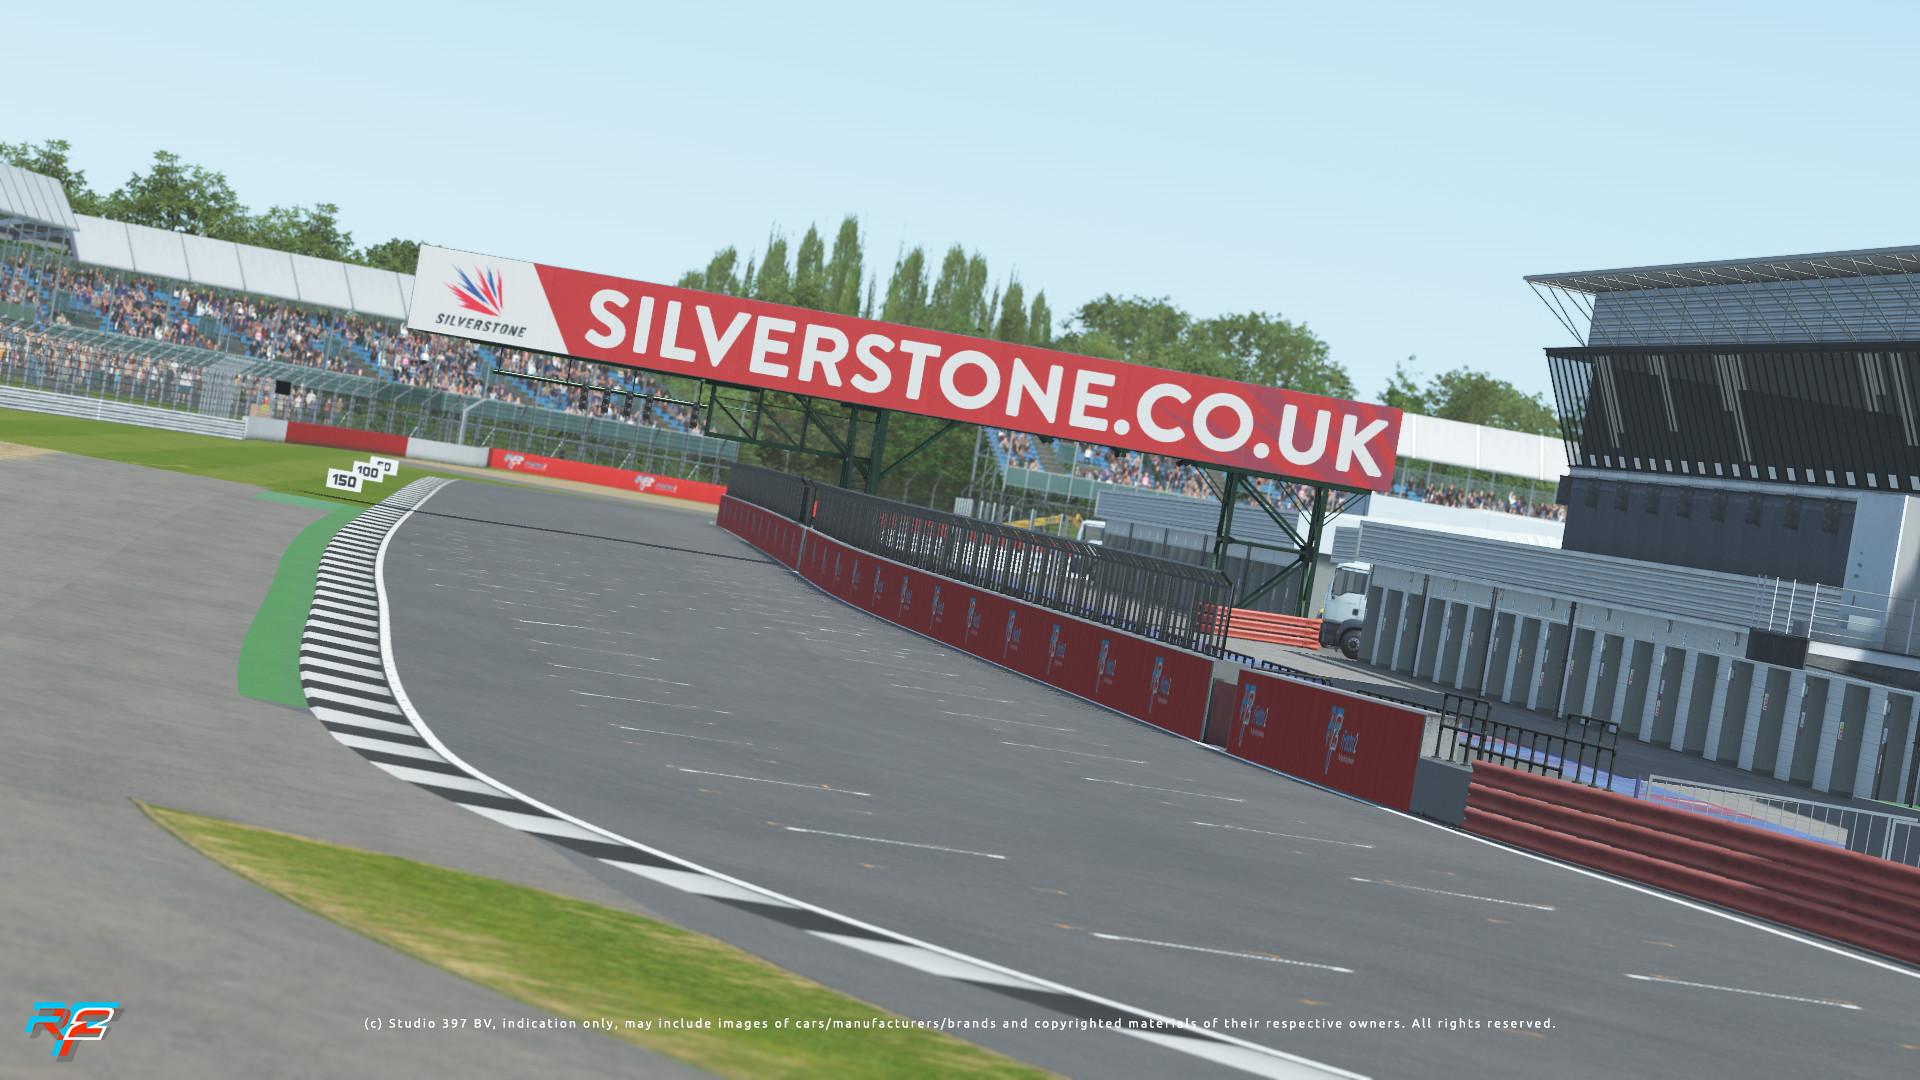 silverstone_2020_screen_06 (1)